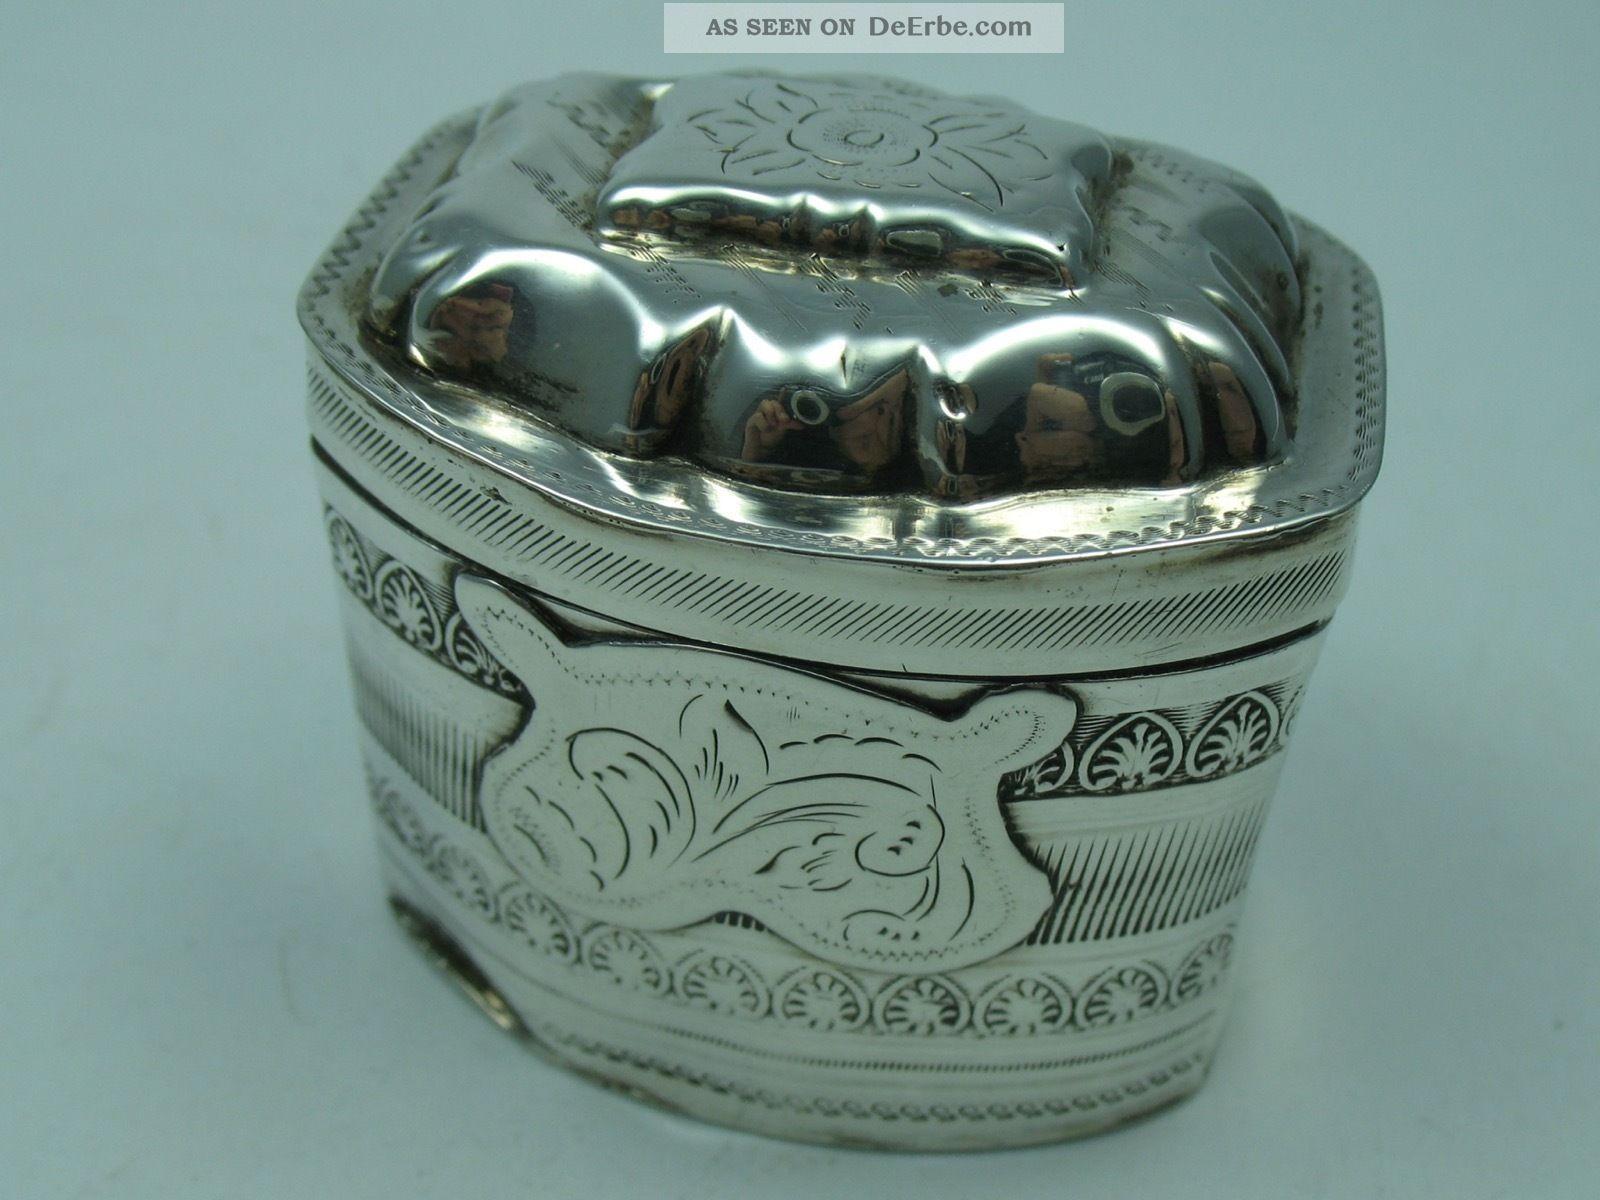 Rare Sehr Seltene Tabuiere Schnupftabakdose Um 1860 Aus Silber Objekte vor 1945 Bild